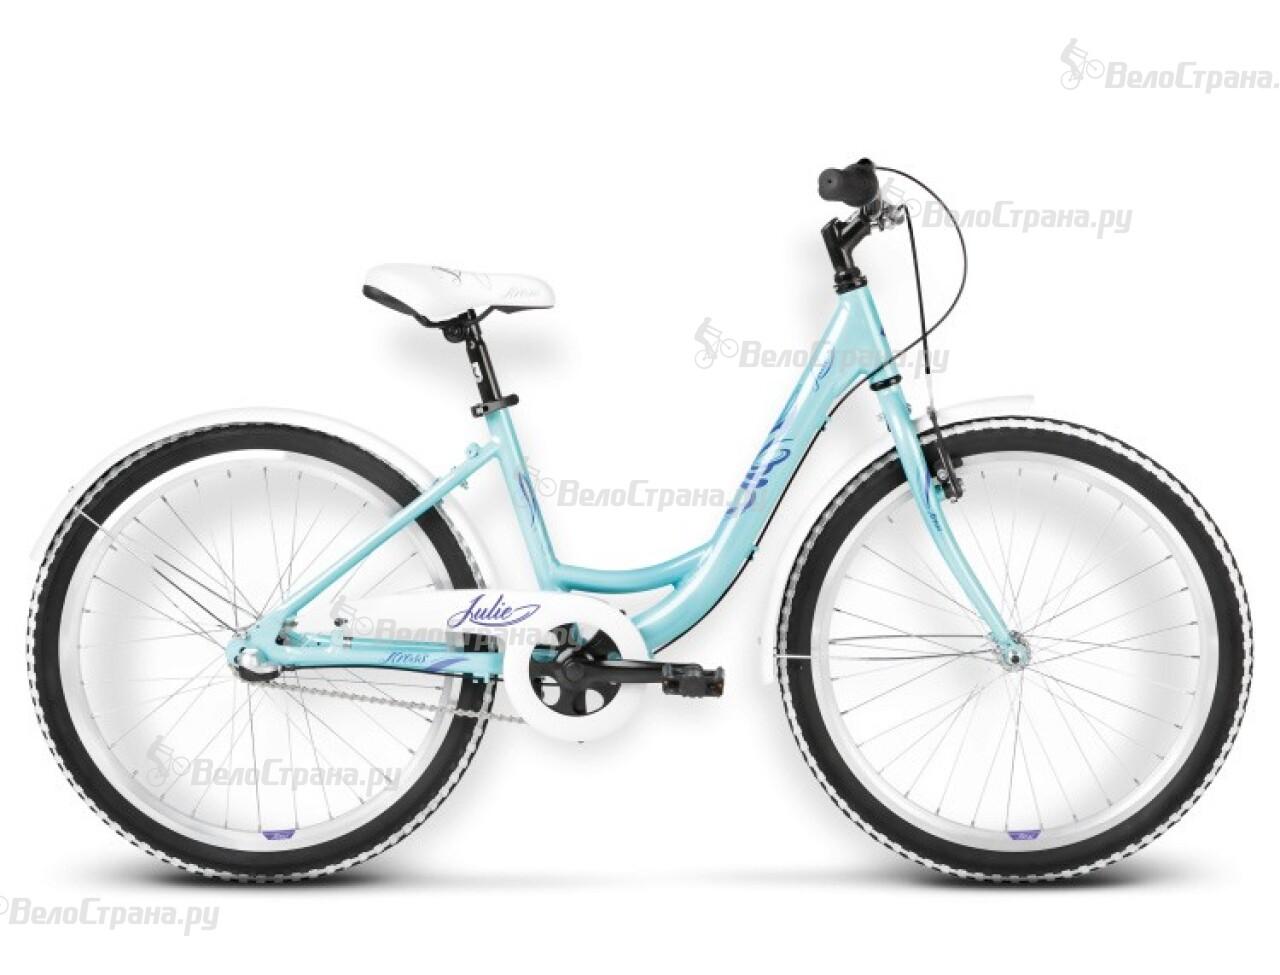 все цены на Велосипед Kross Julie (2016) в интернете